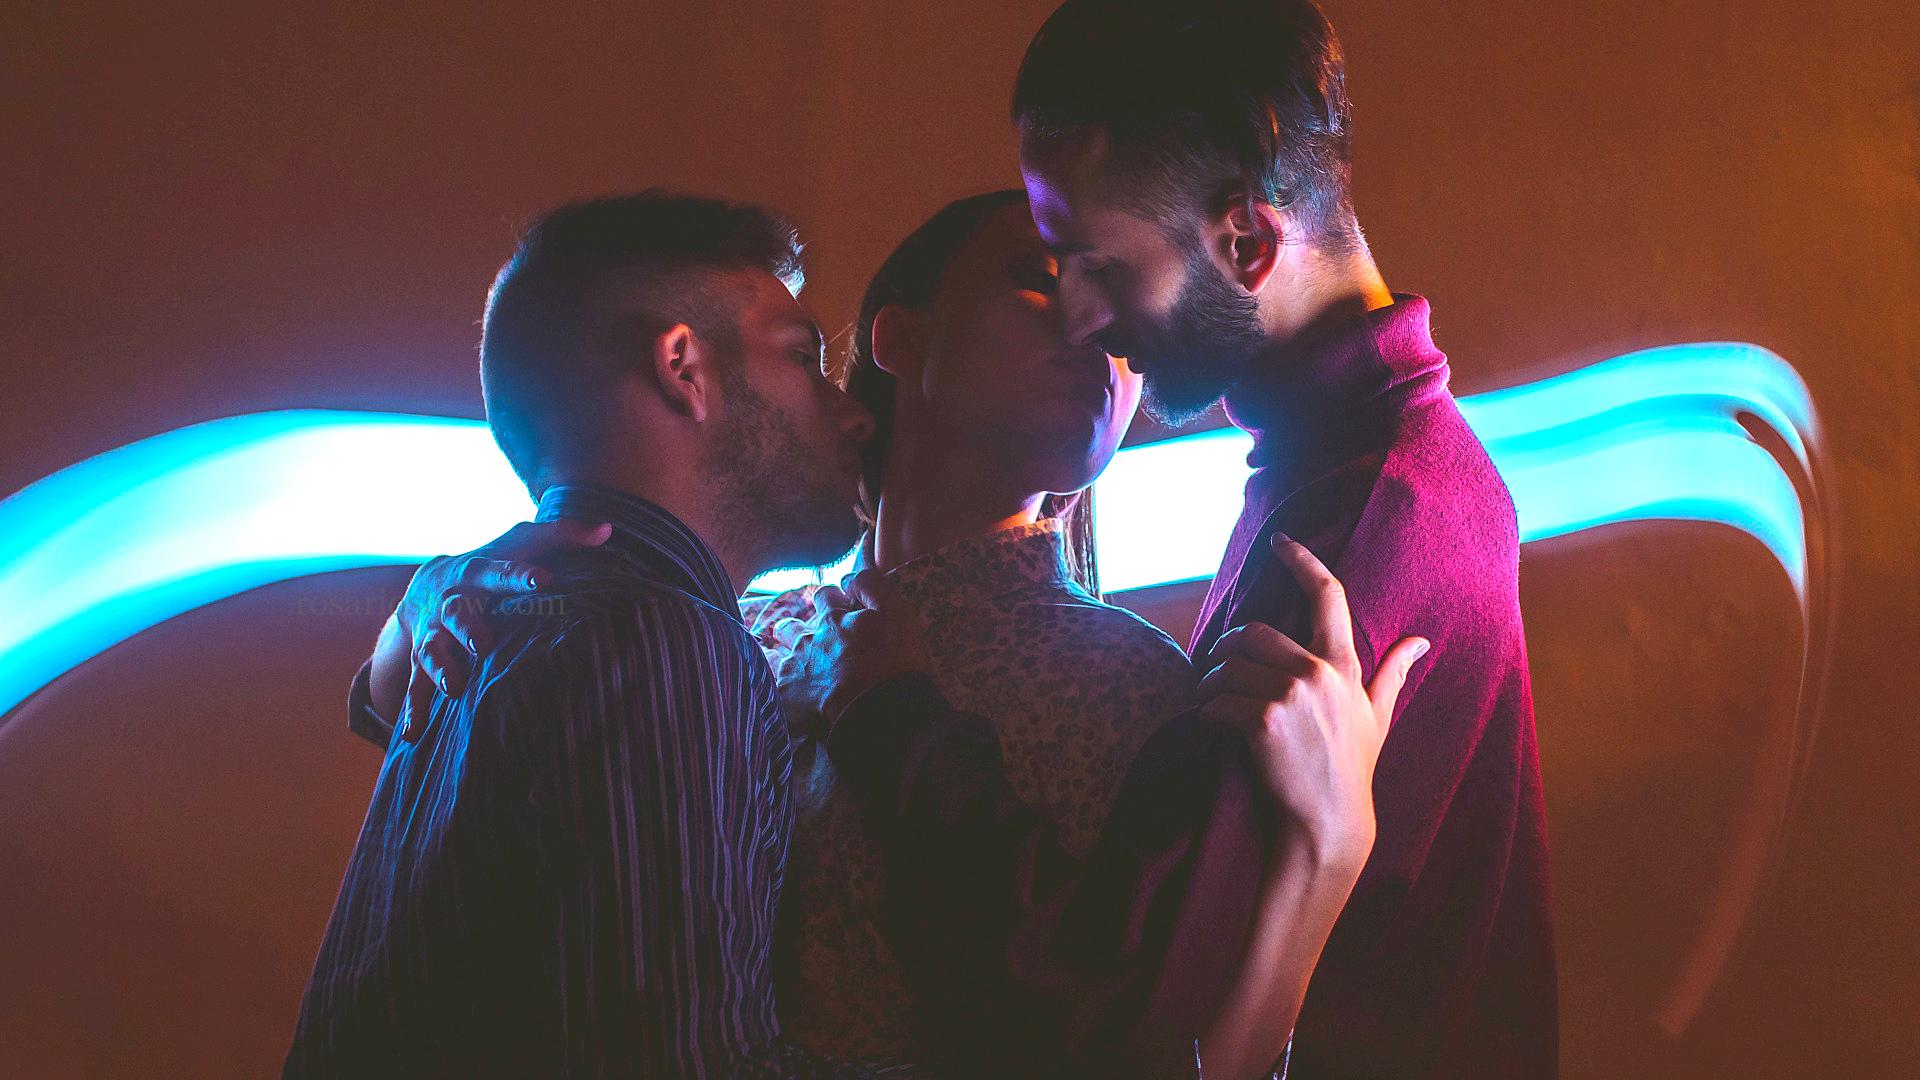 Interminable secuencia del amor/horror